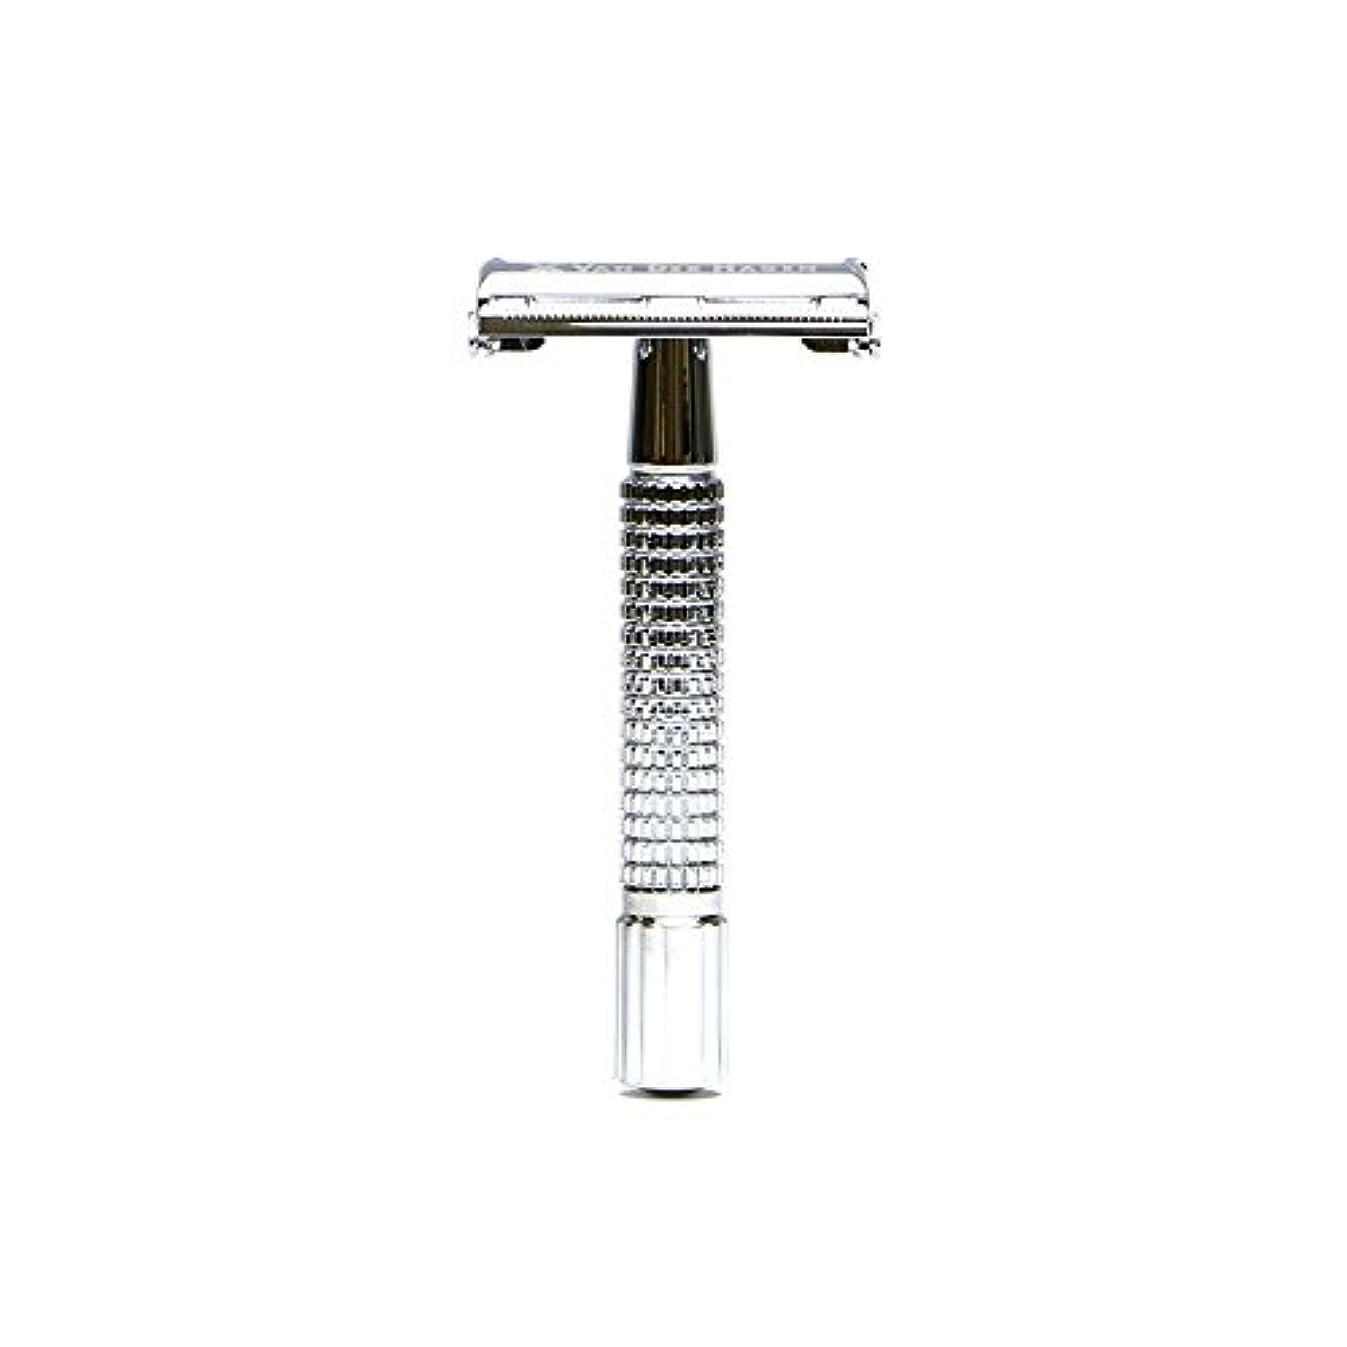 スピーカー鉛摂動VANDERHAGEN(米) トラディショナル 安全両刃カミソリ ショートタイプ バタフライタイプ 替刃5枚付